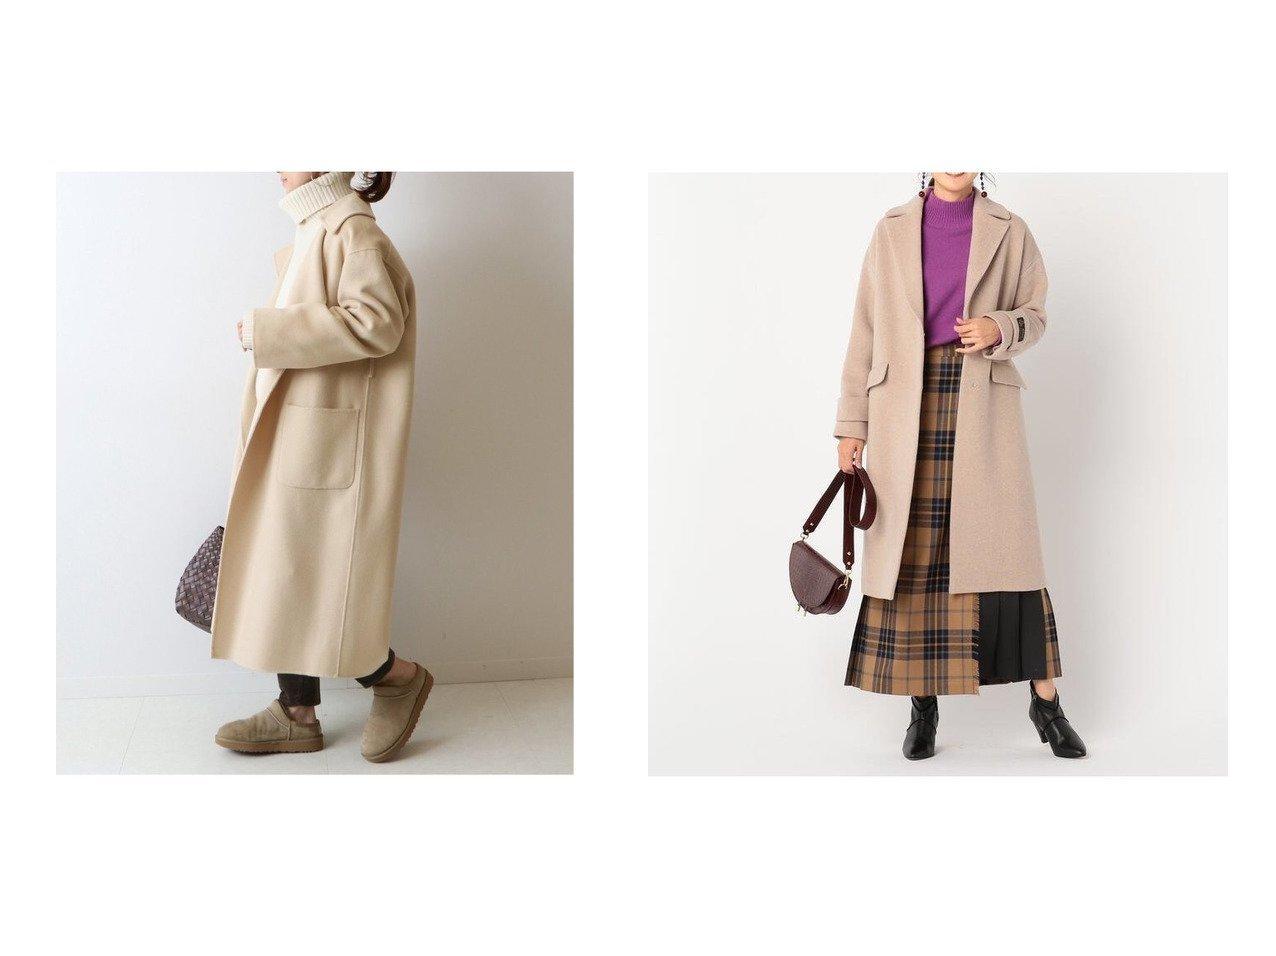 【NOLLEY'S/ノーリーズ】のコクーンチェスターコート&【FRAMeWORK/フレームワーク】のハミルトンリバーコート アウターのおすすめ!人気、レディースファッションの通販 おすすめで人気のファッション通販商品 インテリア・家具・キッズファッション・メンズファッション・レディースファッション・服の通販 founy(ファニー) https://founy.com/ ファッション Fashion レディース WOMEN アウター Coat Outerwear コート Coats チェスターコート Top Coat 秋冬 A/W Autumn/ Winter カシミヤ シンプル ハンド イタリア ストレッチ チェスターコート ロング  ID:crp329100000003072